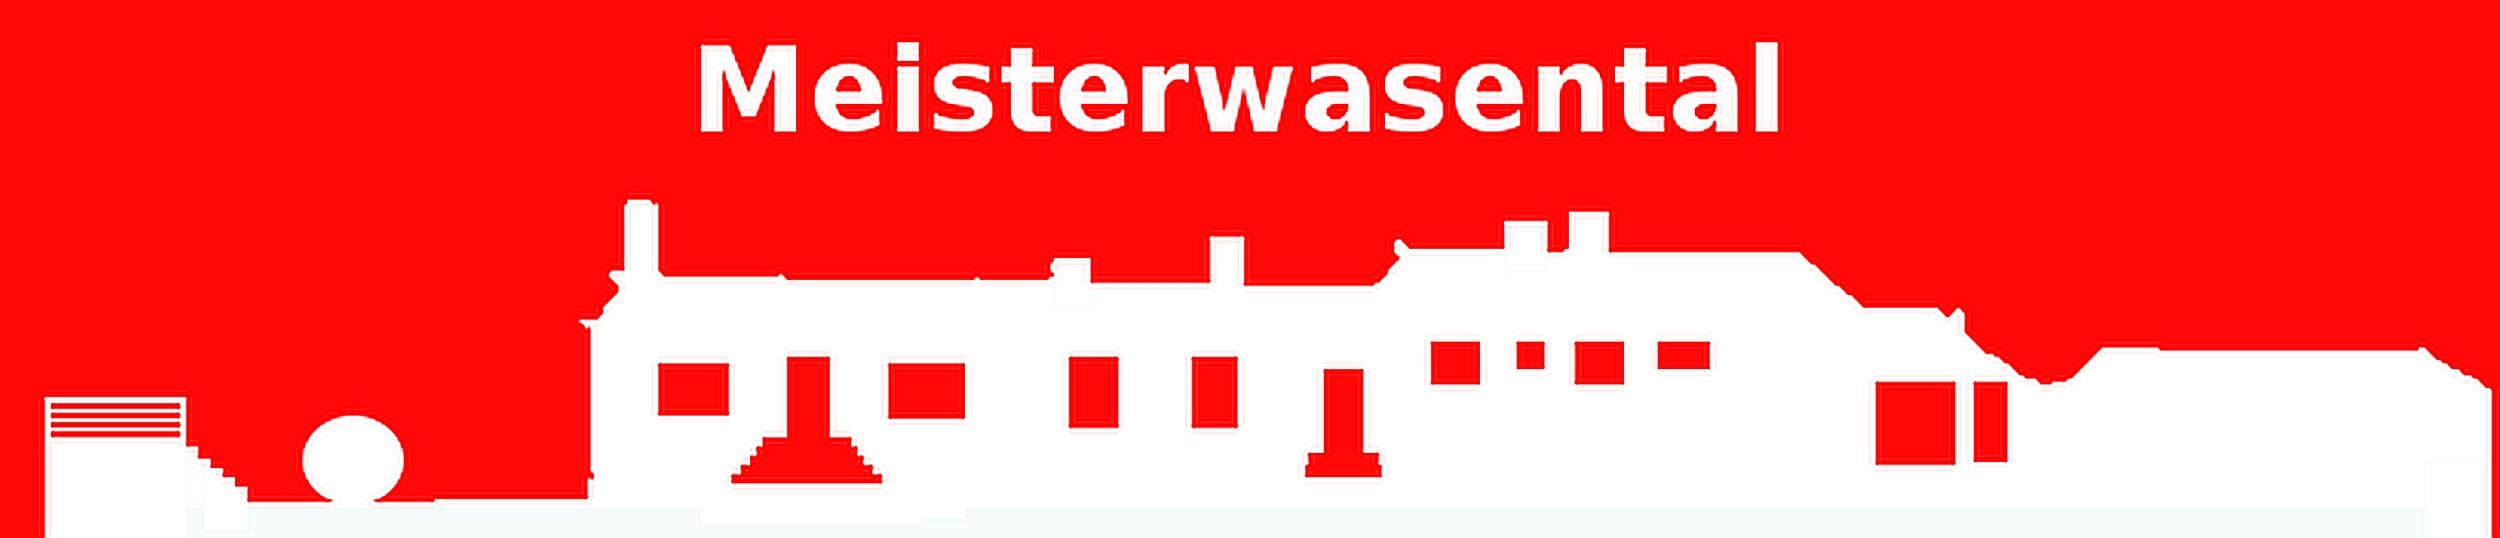 RWS Vereinssiluette skaliert